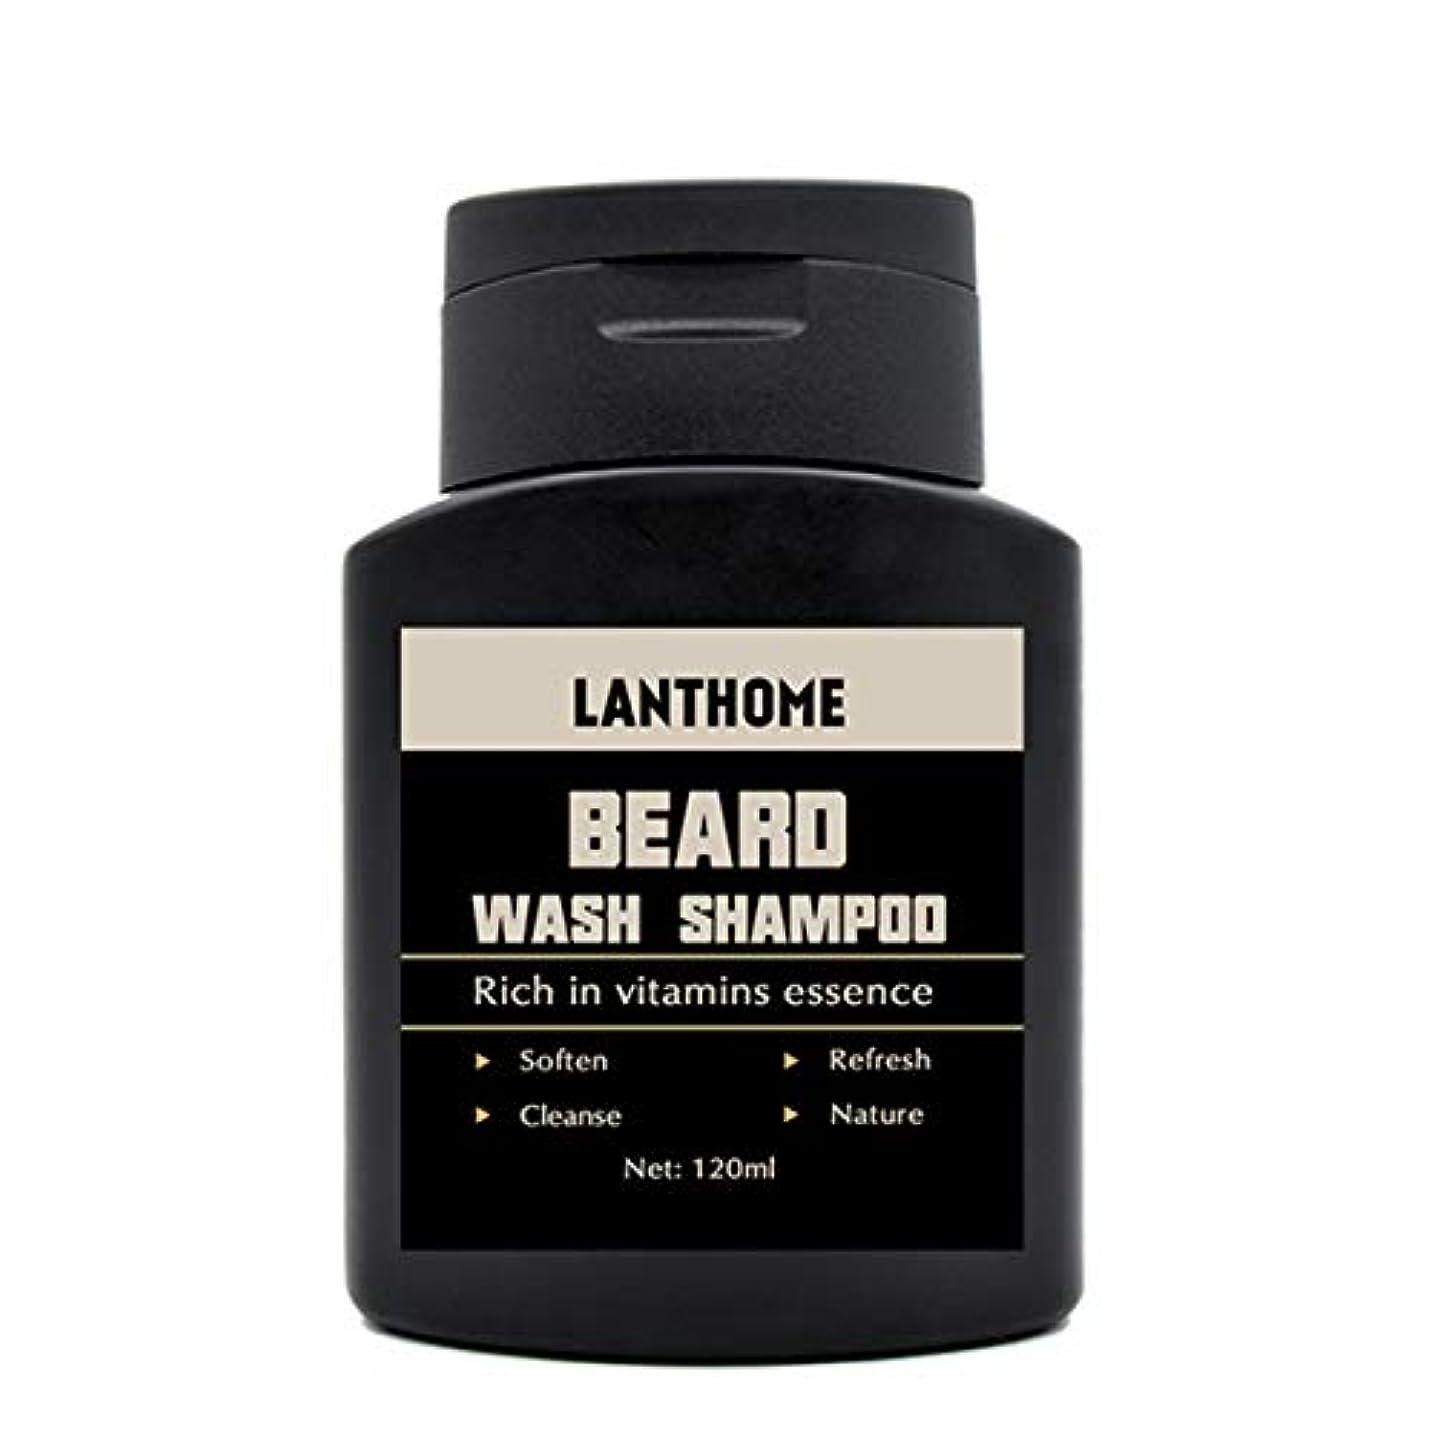 地図計り知れない汚物OUNONA ラントホームビアードウォッシュシャンプーコンディショナーモイスチャライザービアクリーン液体ヘアビタミンエッセンスヘアケア栄養